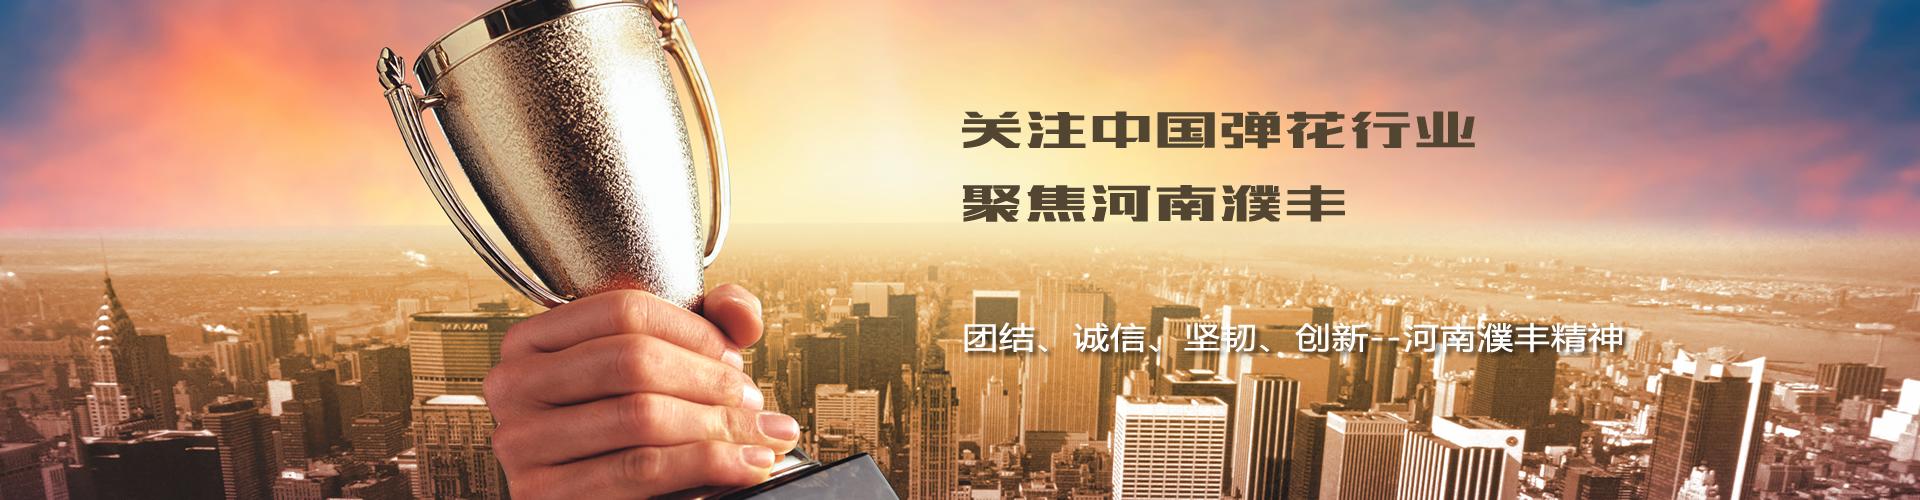 河南新濮丰棉机科技有限公司